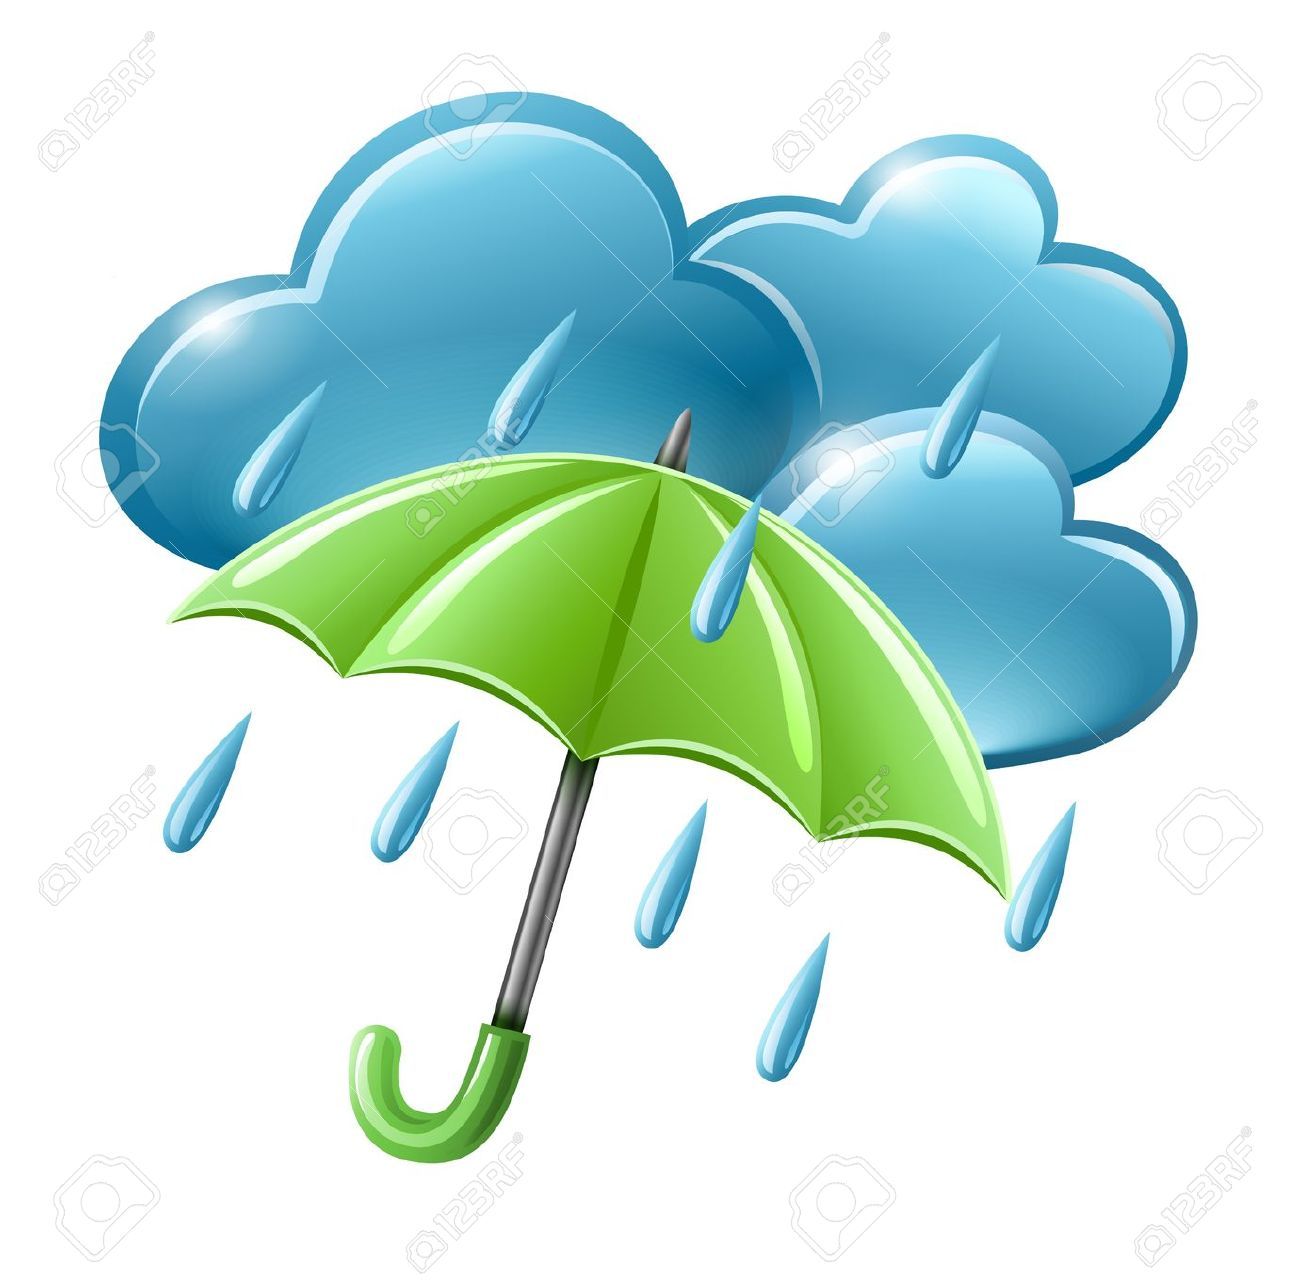 Rainy Day Clip Art: Rainy Season Clipart